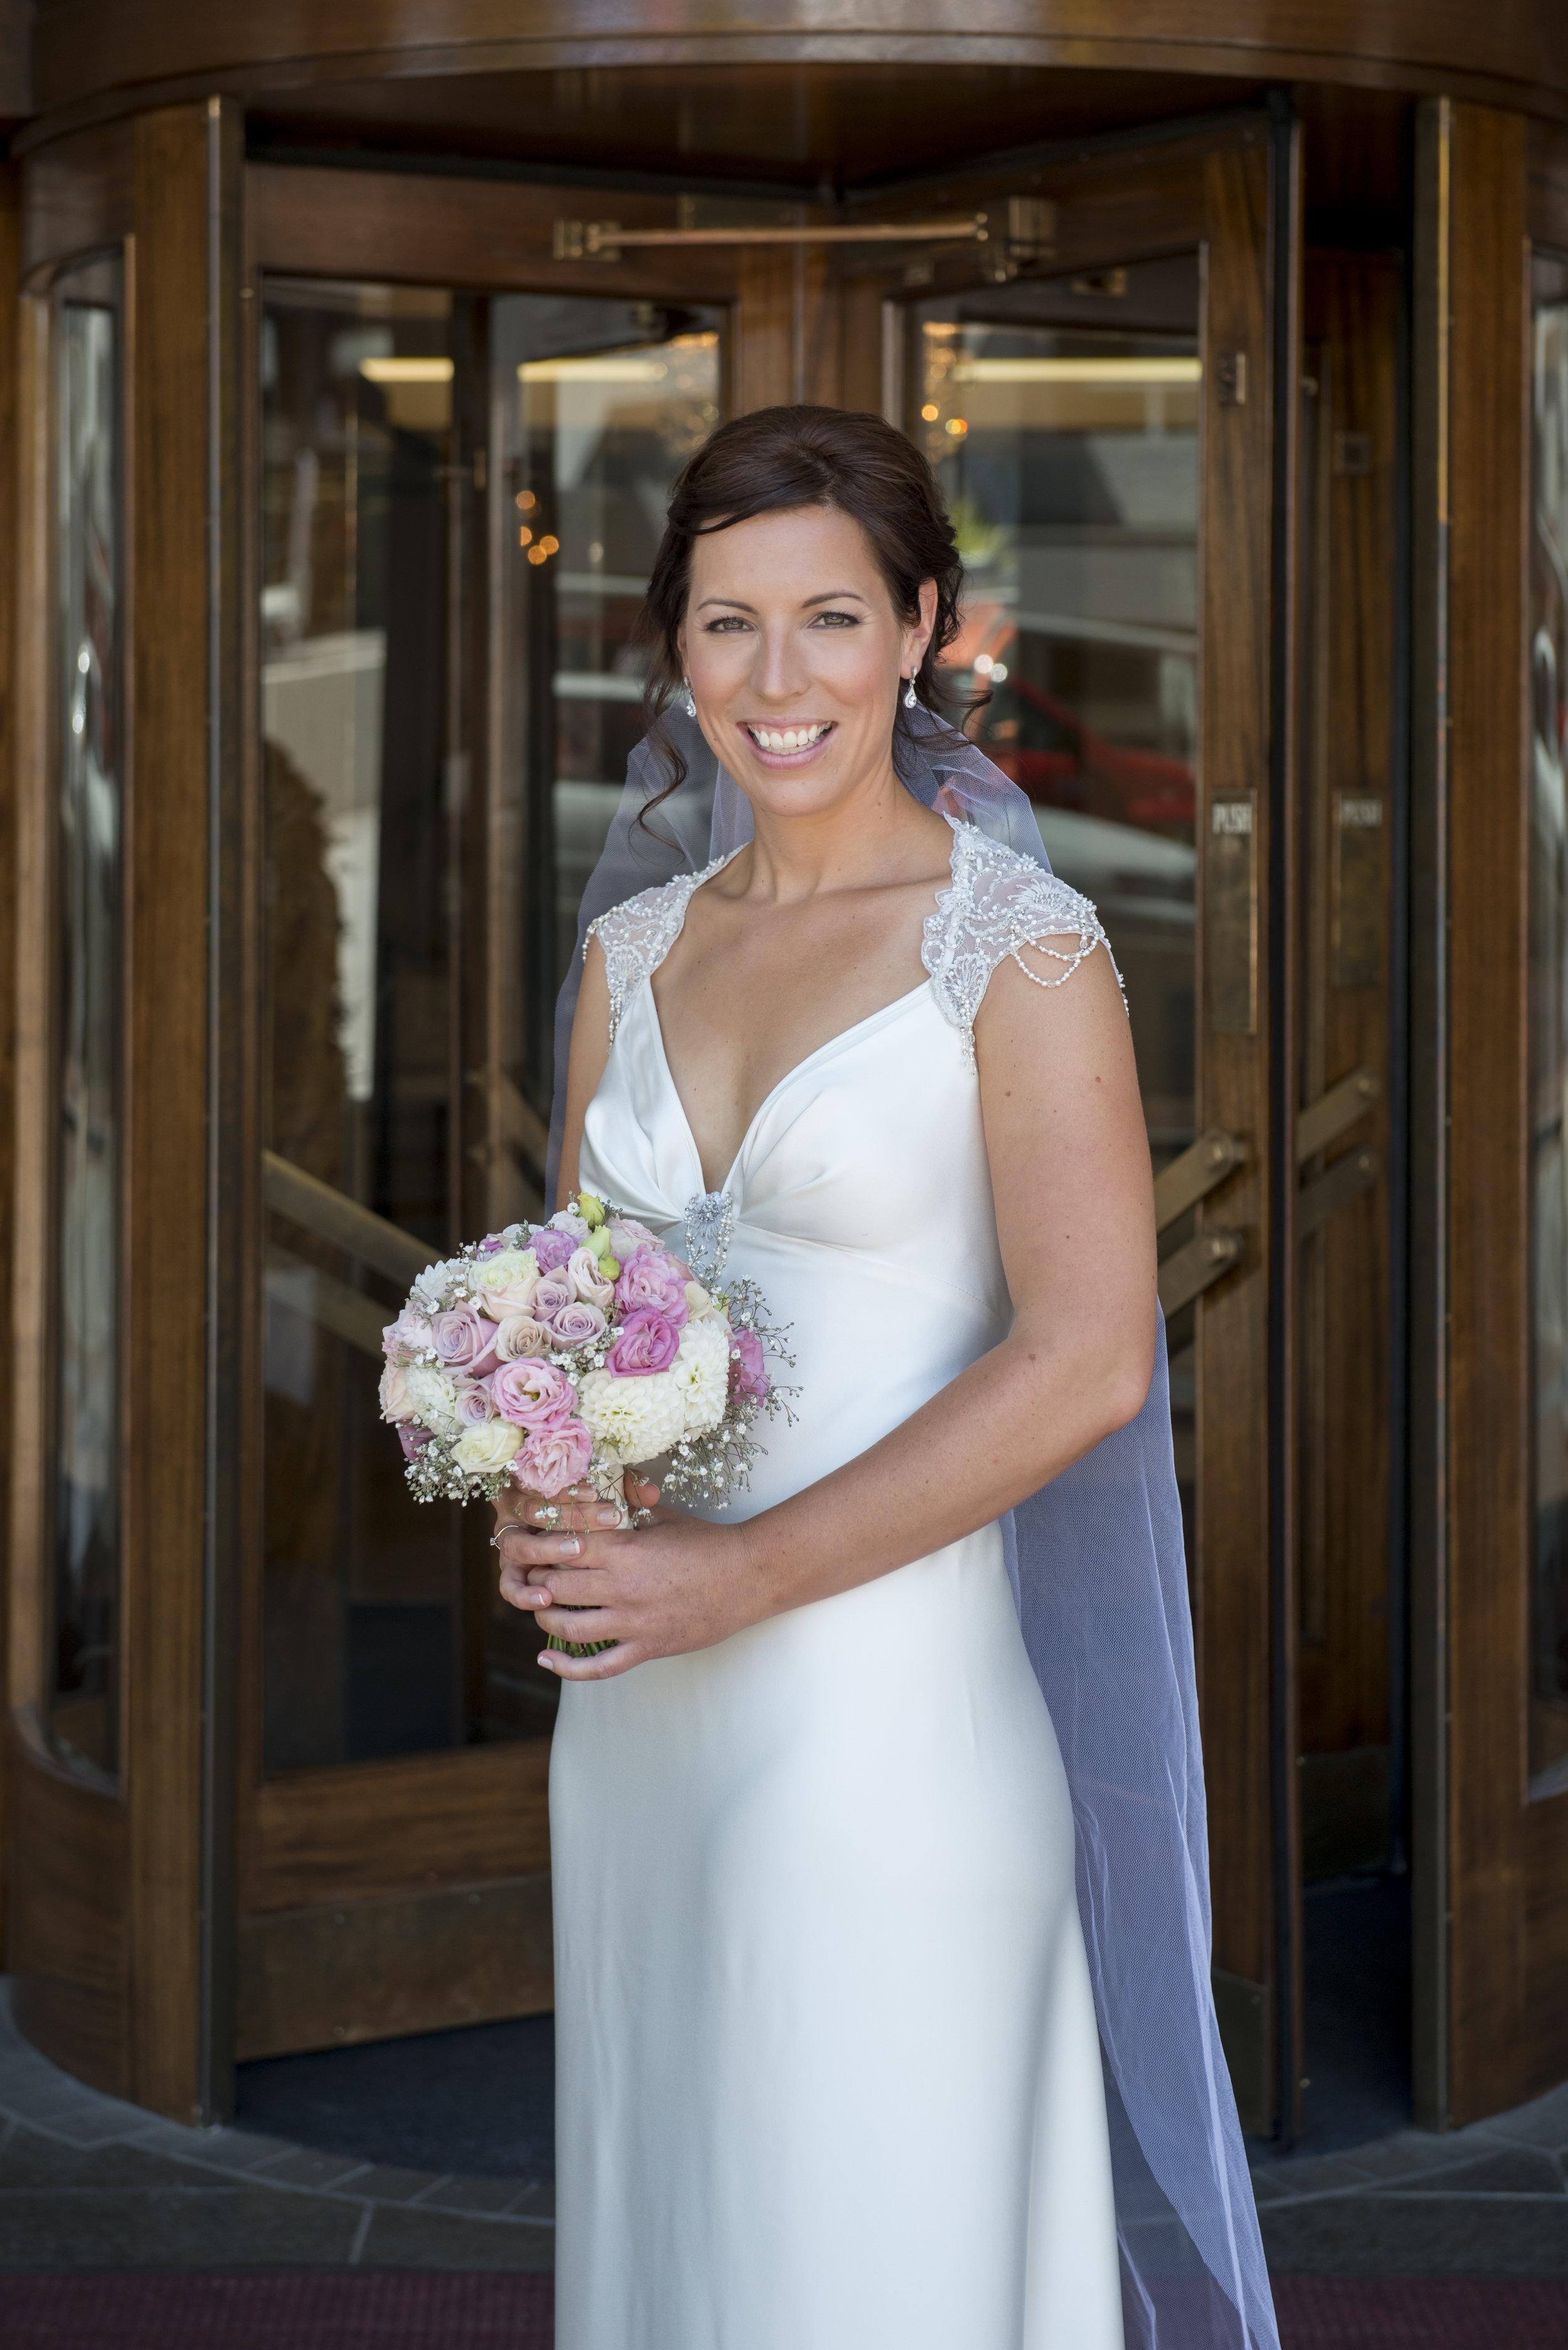 v - silk gwendolynne gown - Oamaru wedding